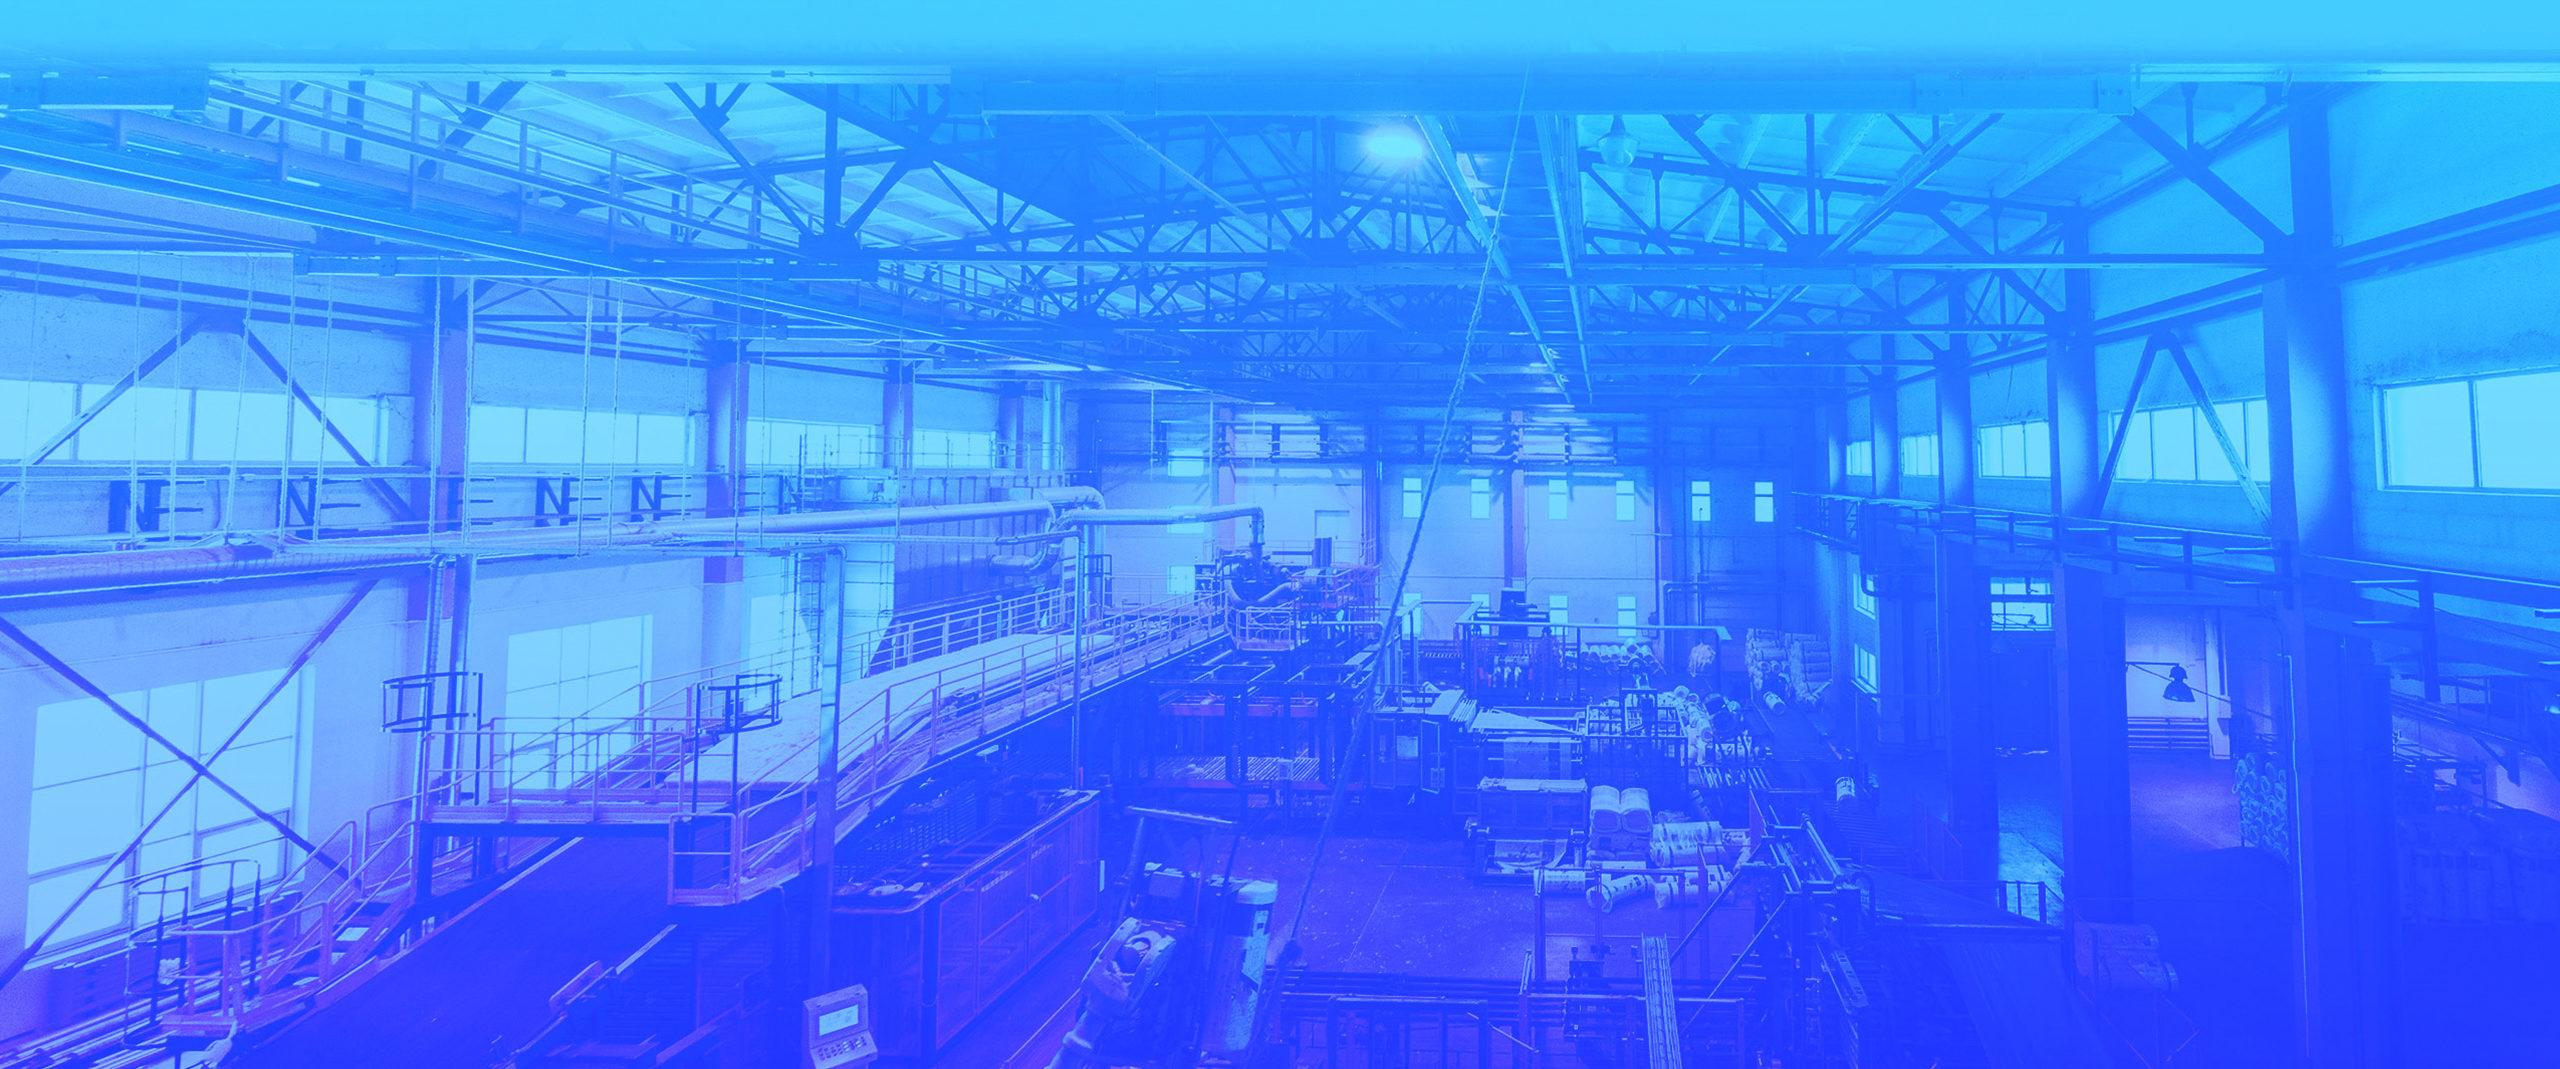 industria-maquinaria-y-equipos